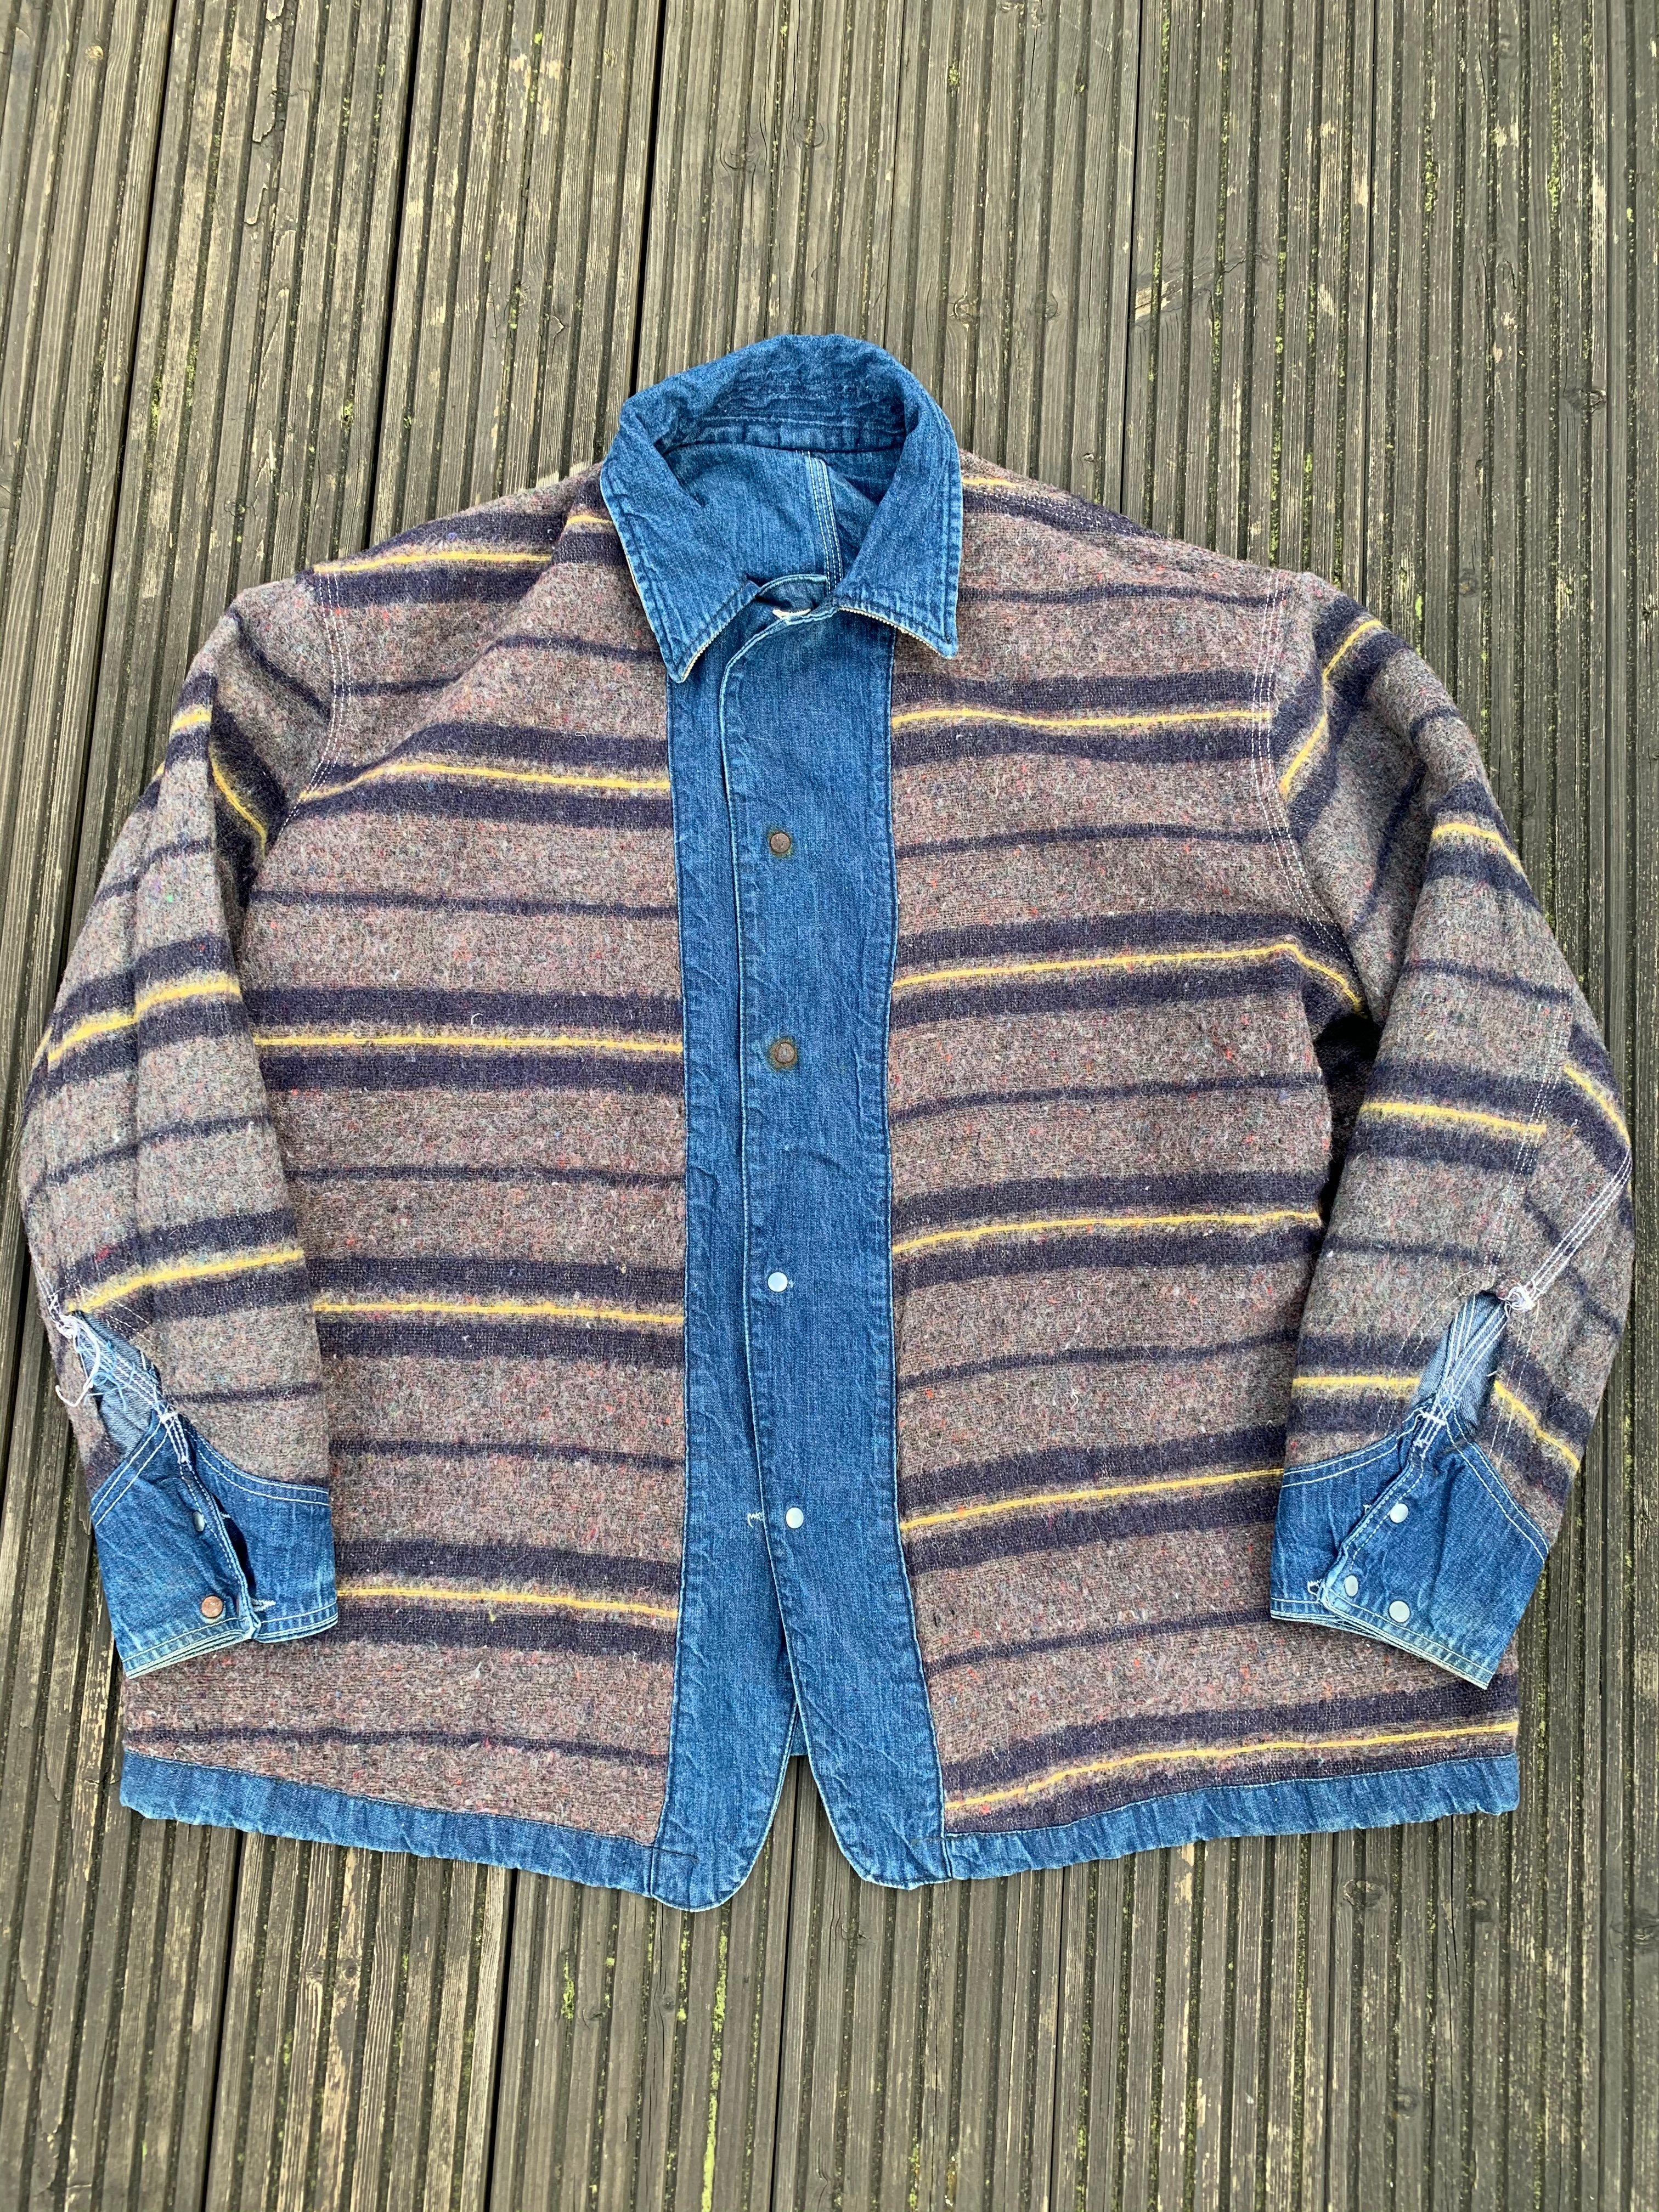 Image of Vintage Lee work jacket (Big Size)